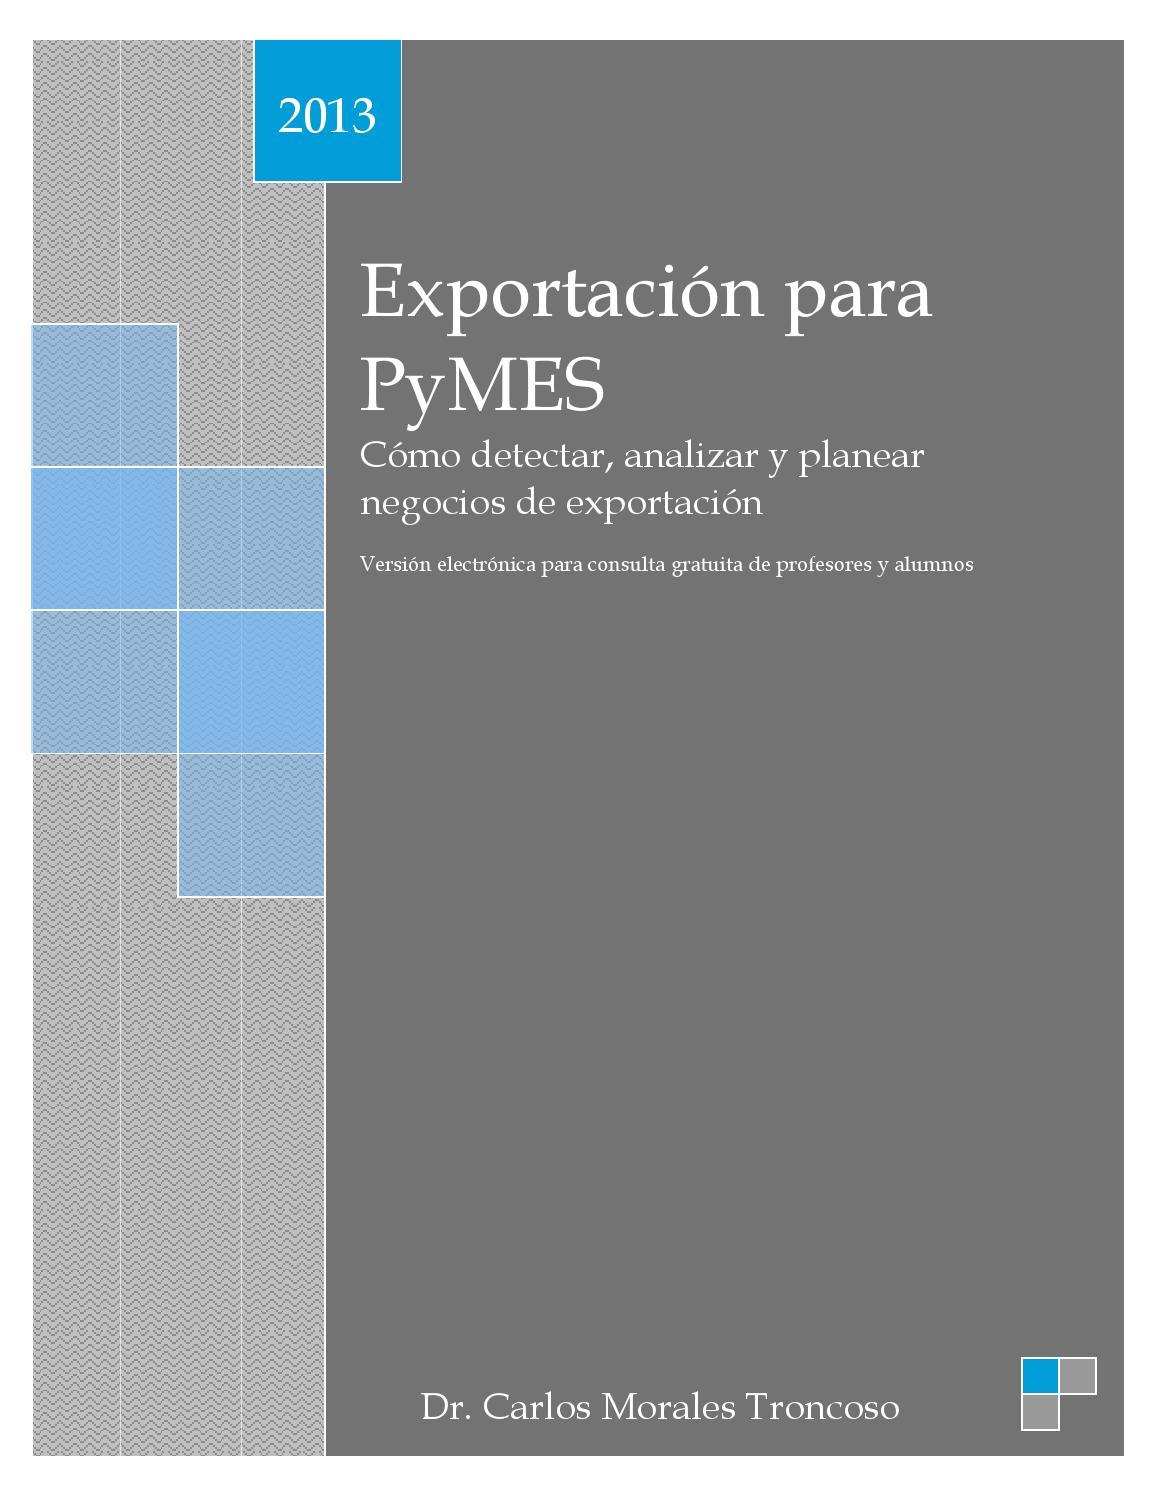 Exportación para PyMES. Cómo detectar, analizar y planear negocios ...